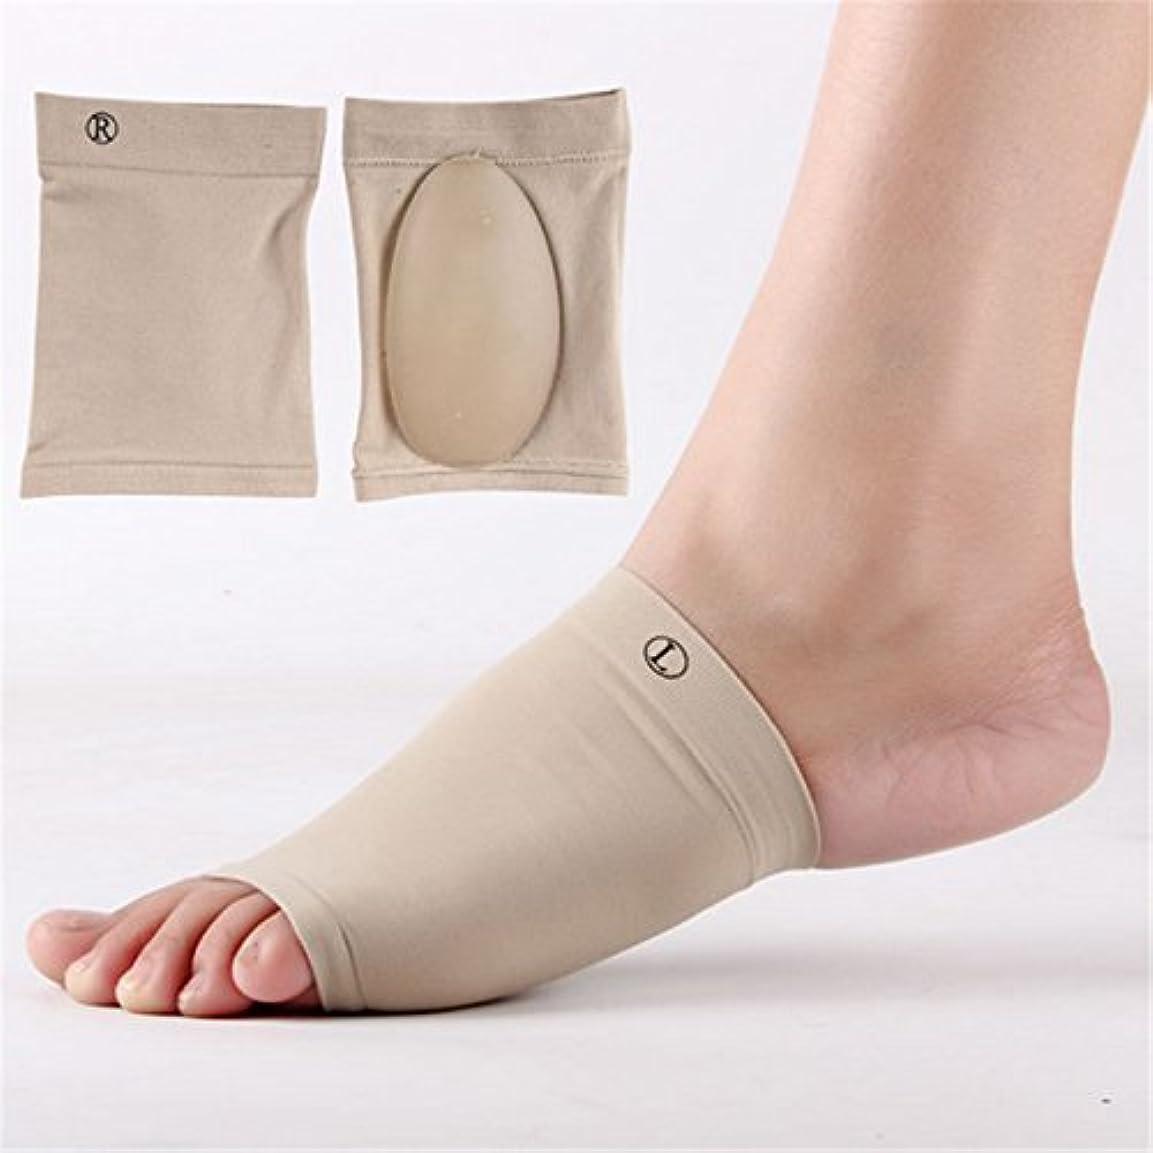 連続した無数のブロックLorny(TM)1Pairジェル足底筋膜炎アーチサポートスリーブアーチソックスかかとクッションフラット足の整形外科靴パッドフットケア [並行輸入品]